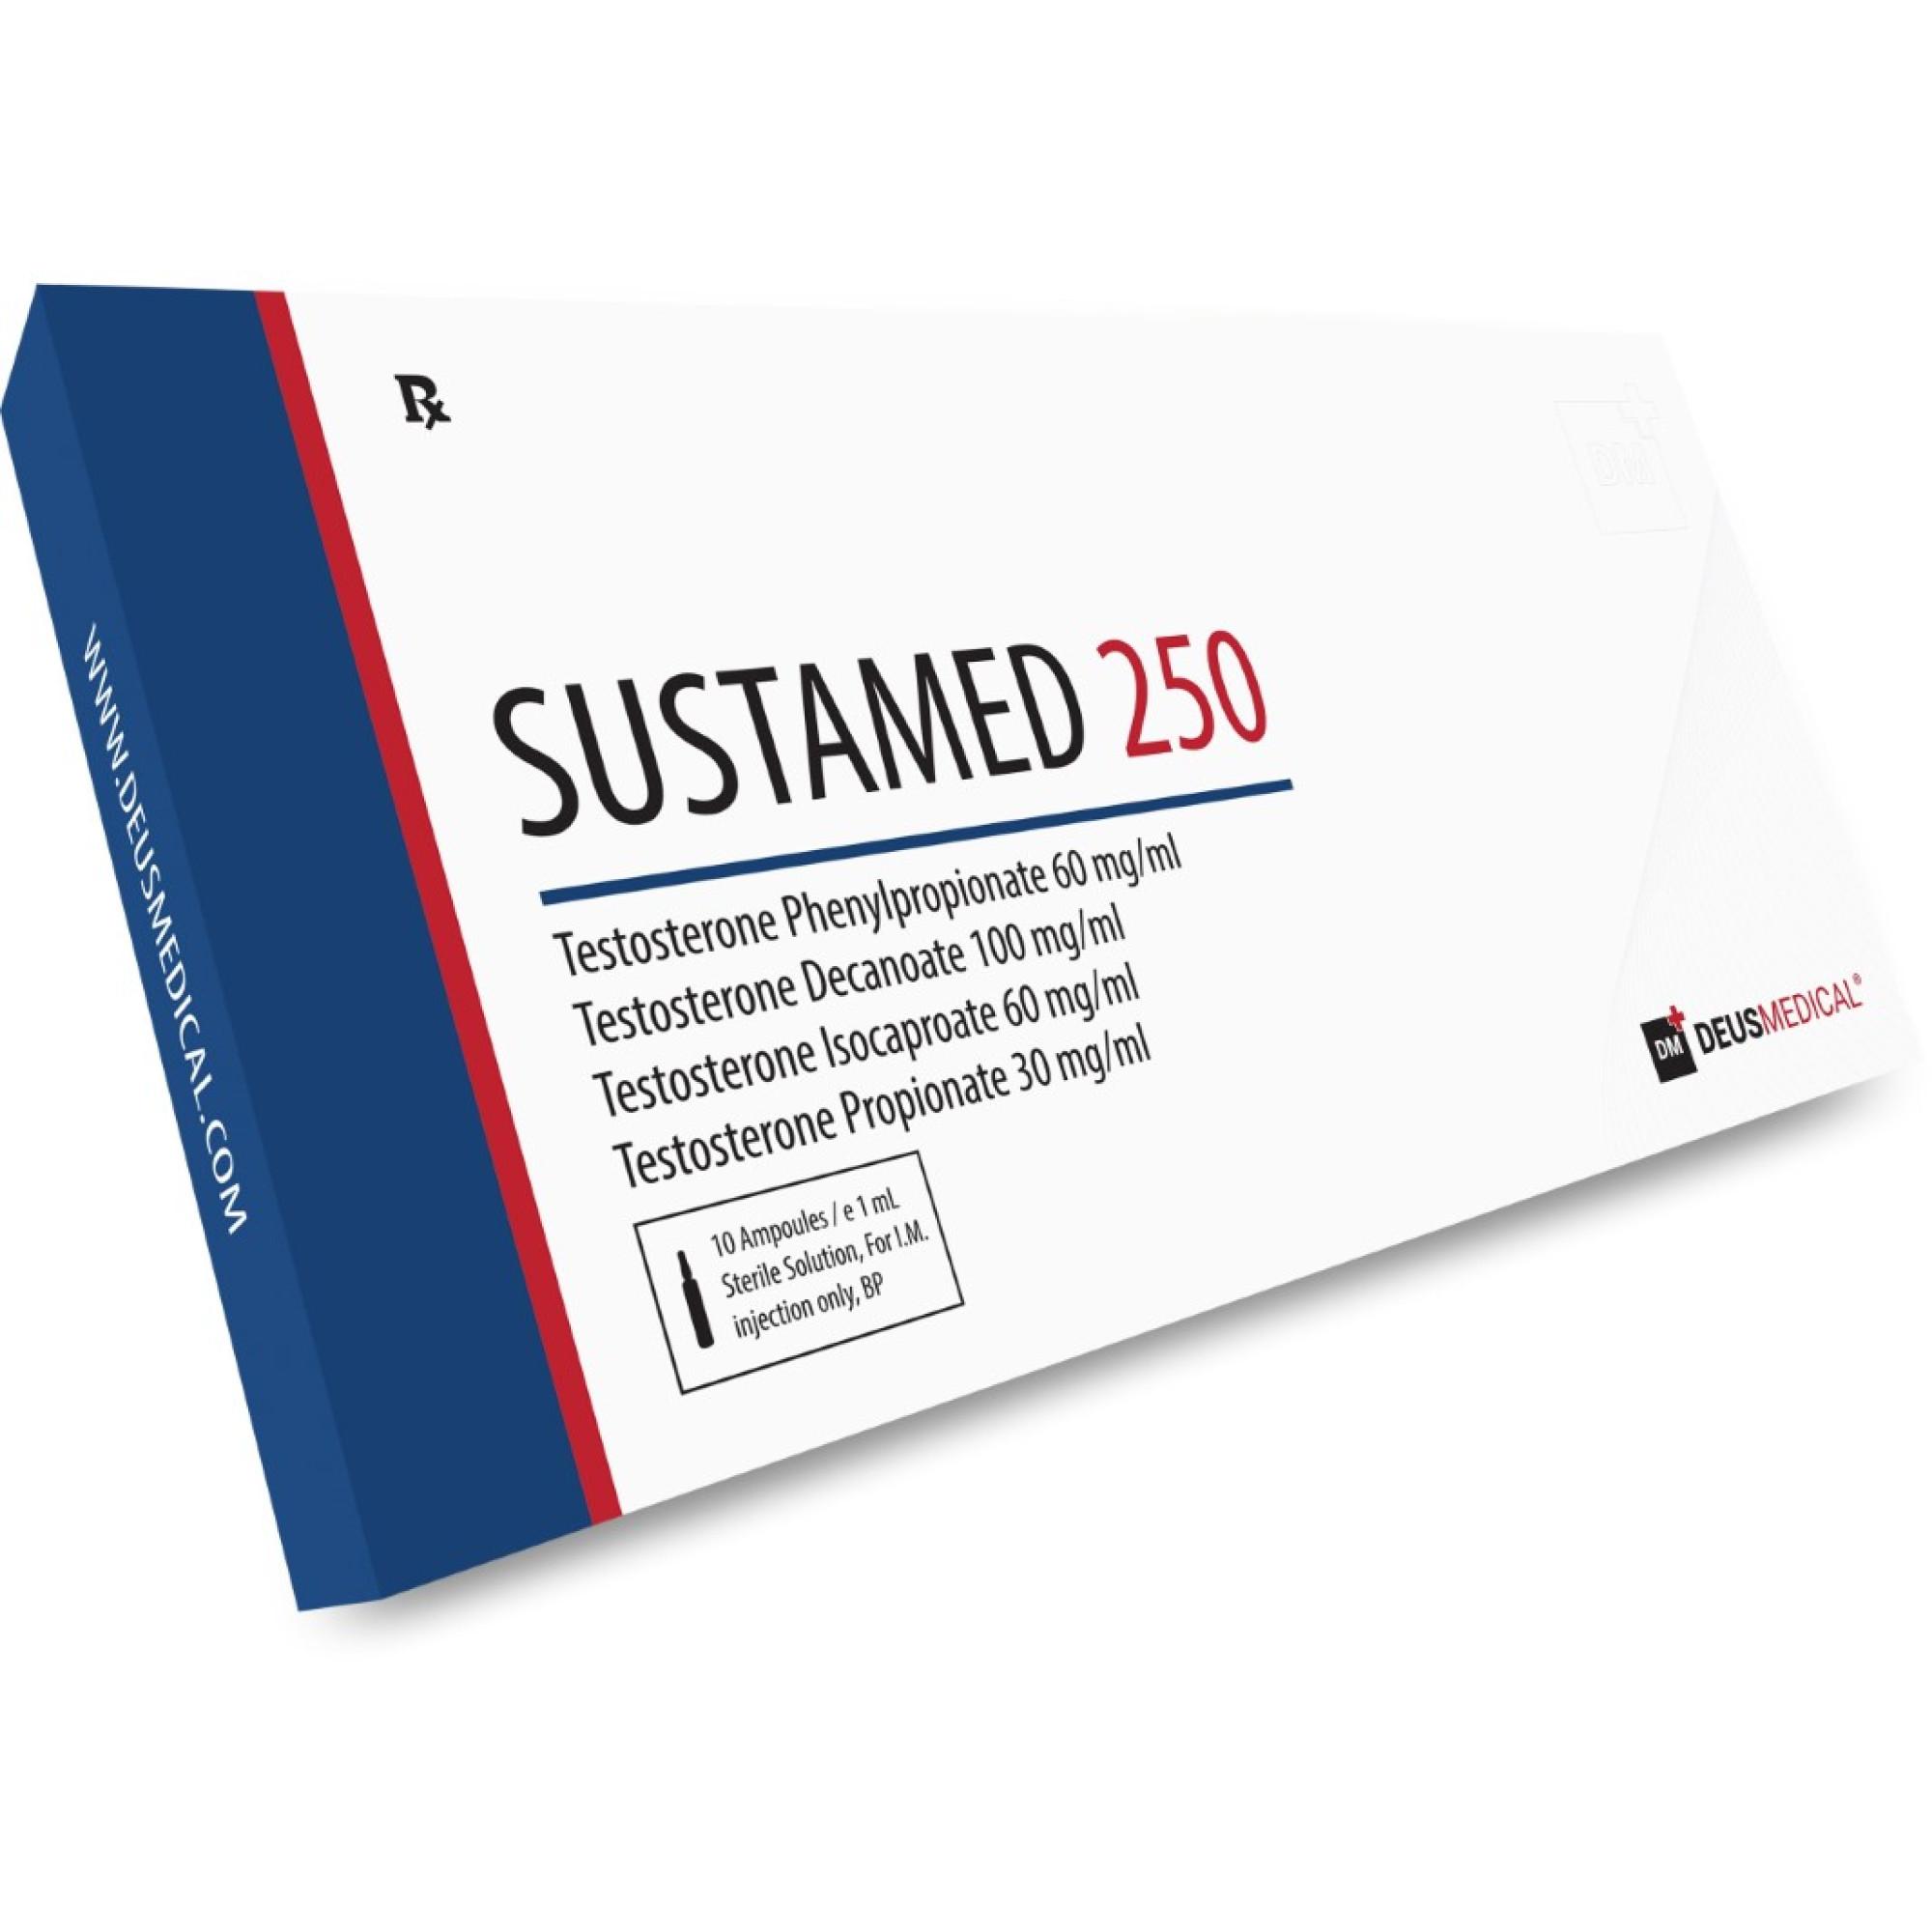 SUSTAMED 250 (Sustanon), DEUS MEDICAL, BUY STEROIDS ONLINE - www.DEUSPOWER.com